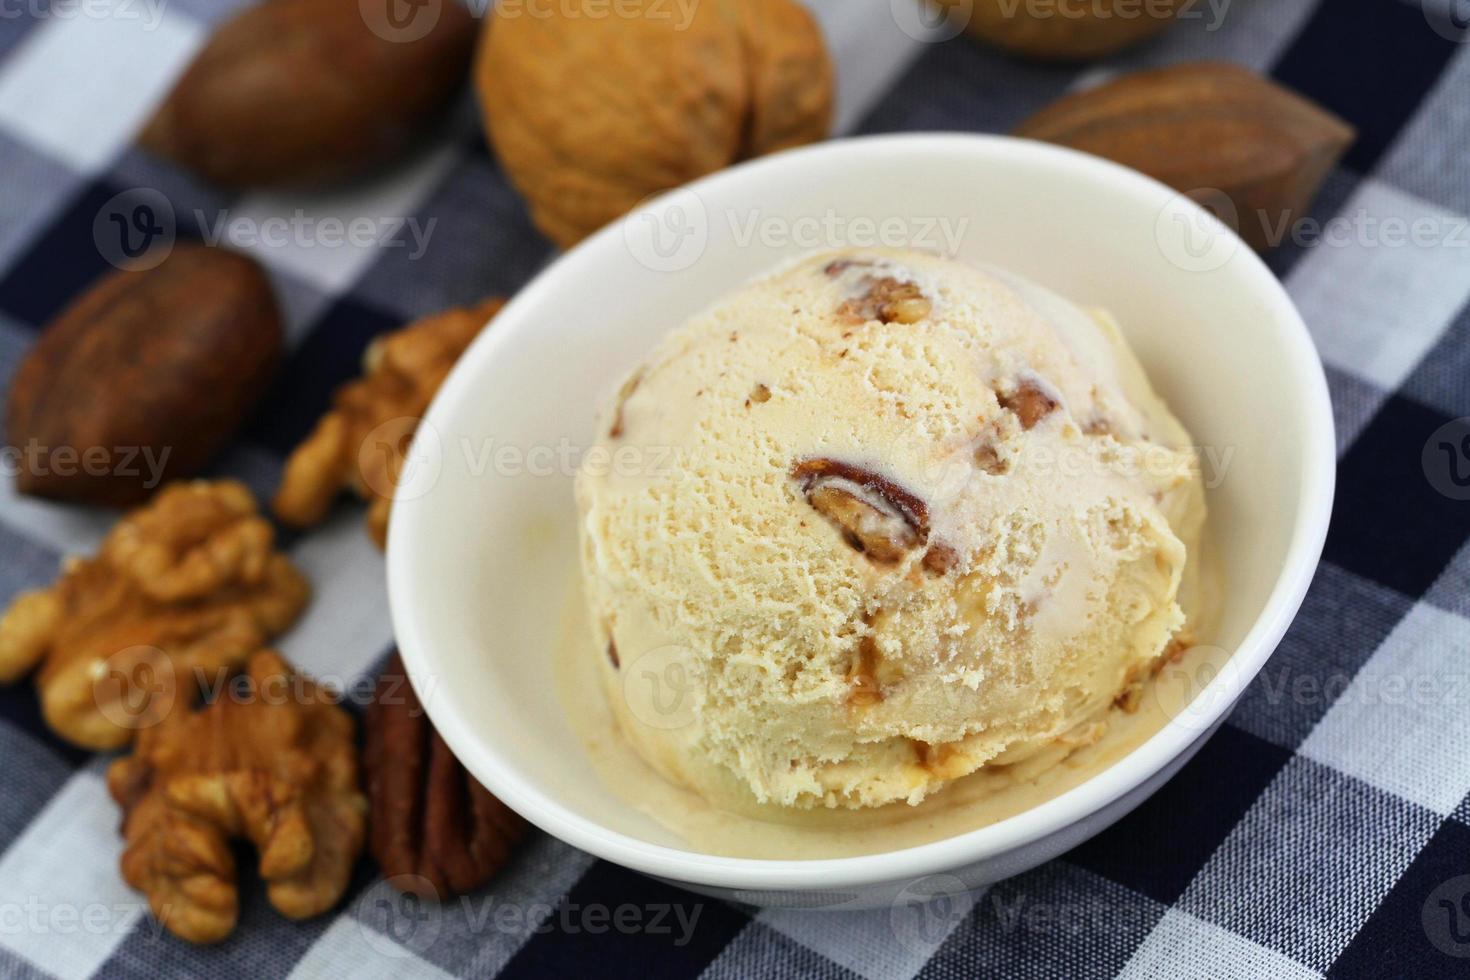 helado de nuez, nuez y caramelo foto